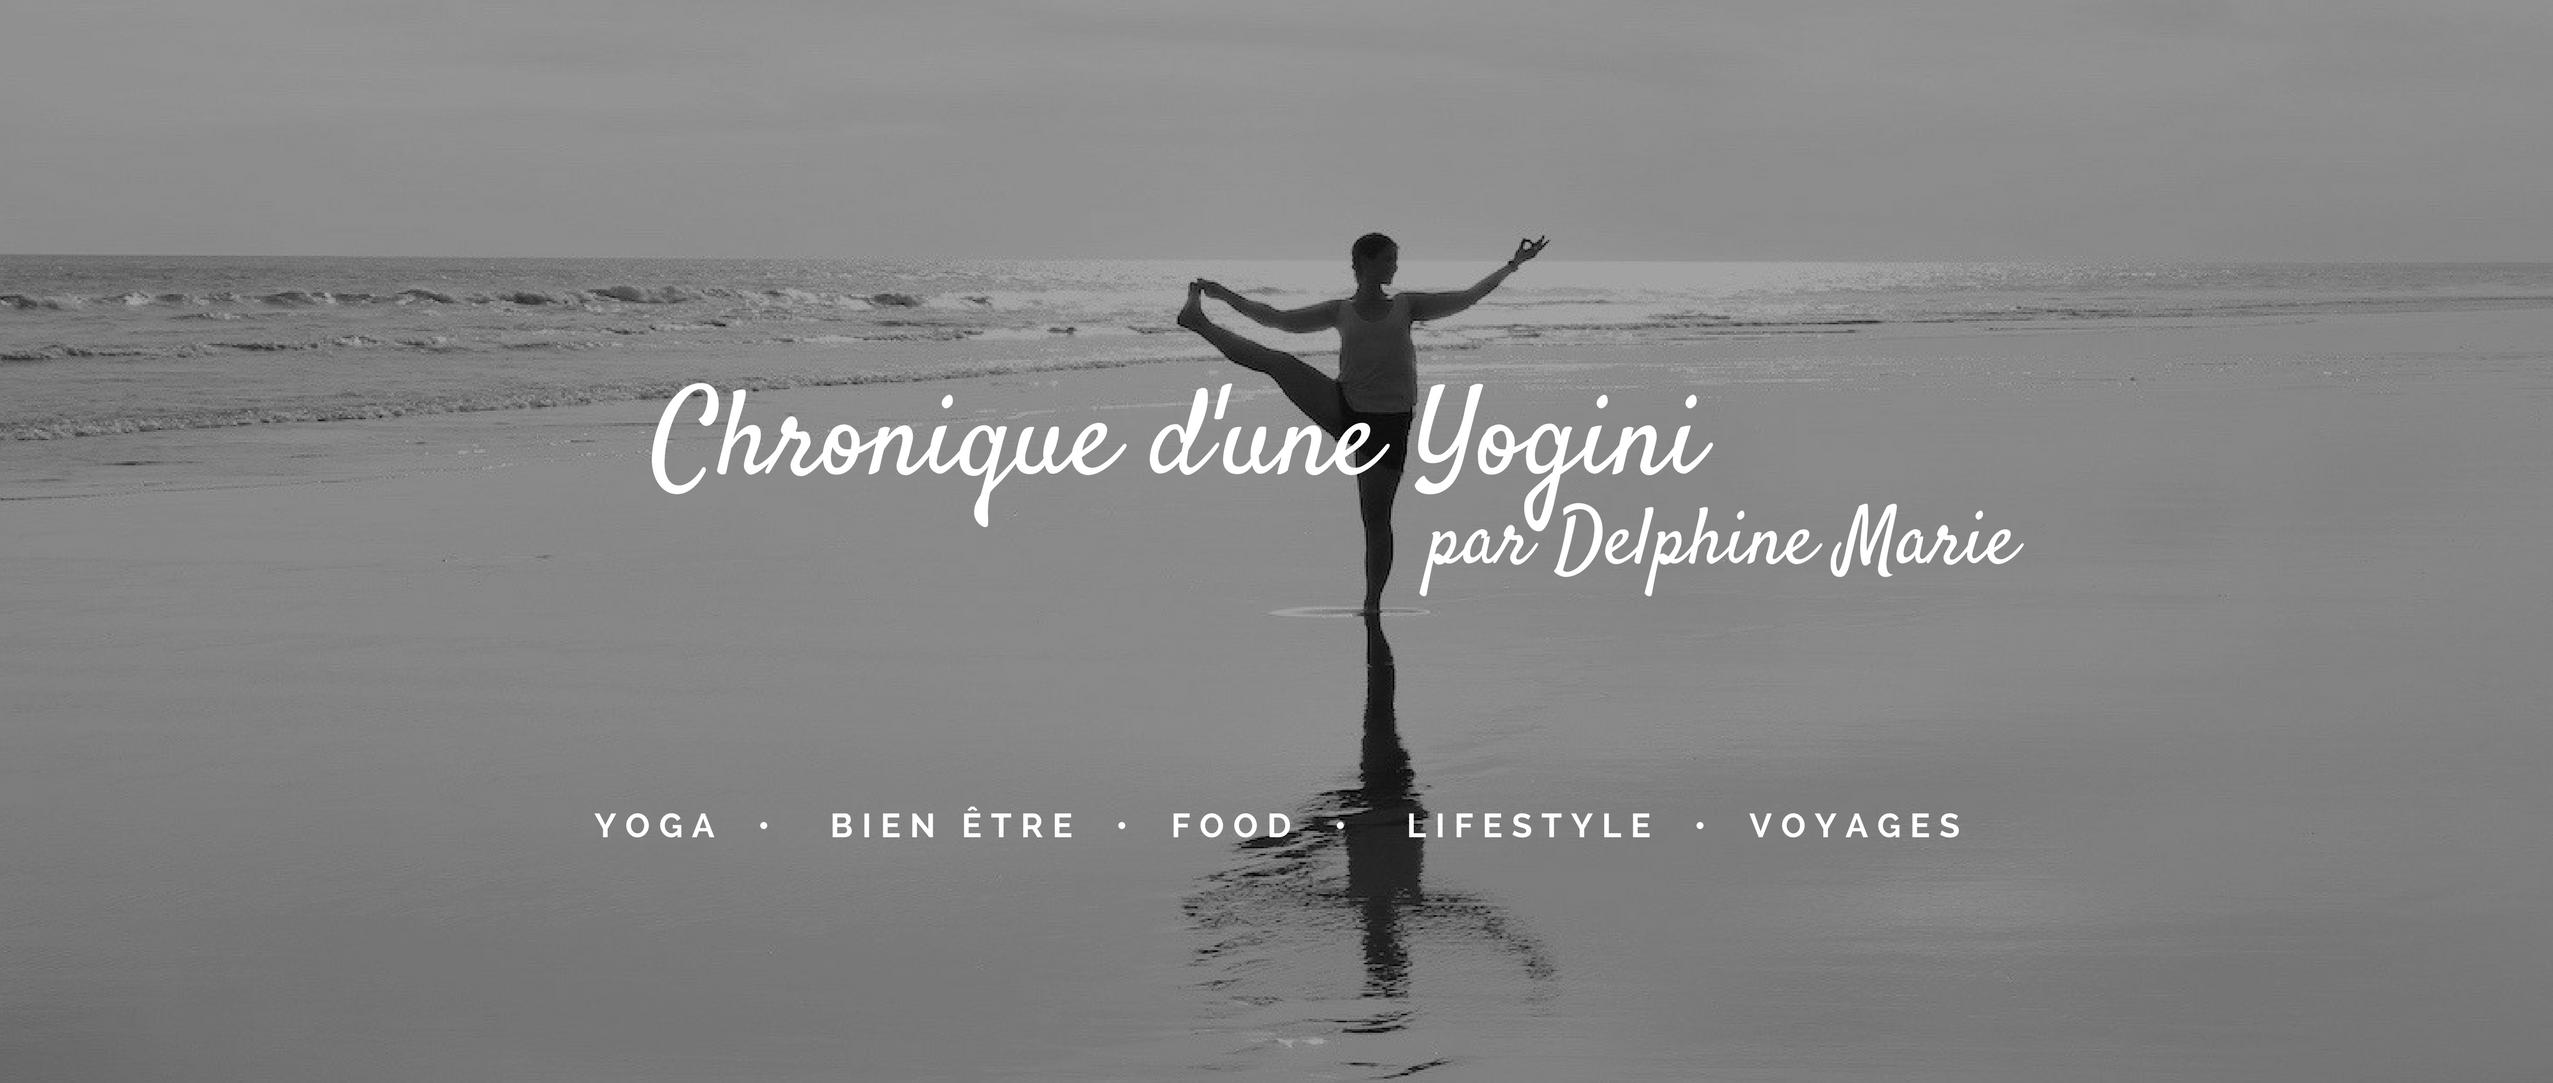 Chronique d'une yogini